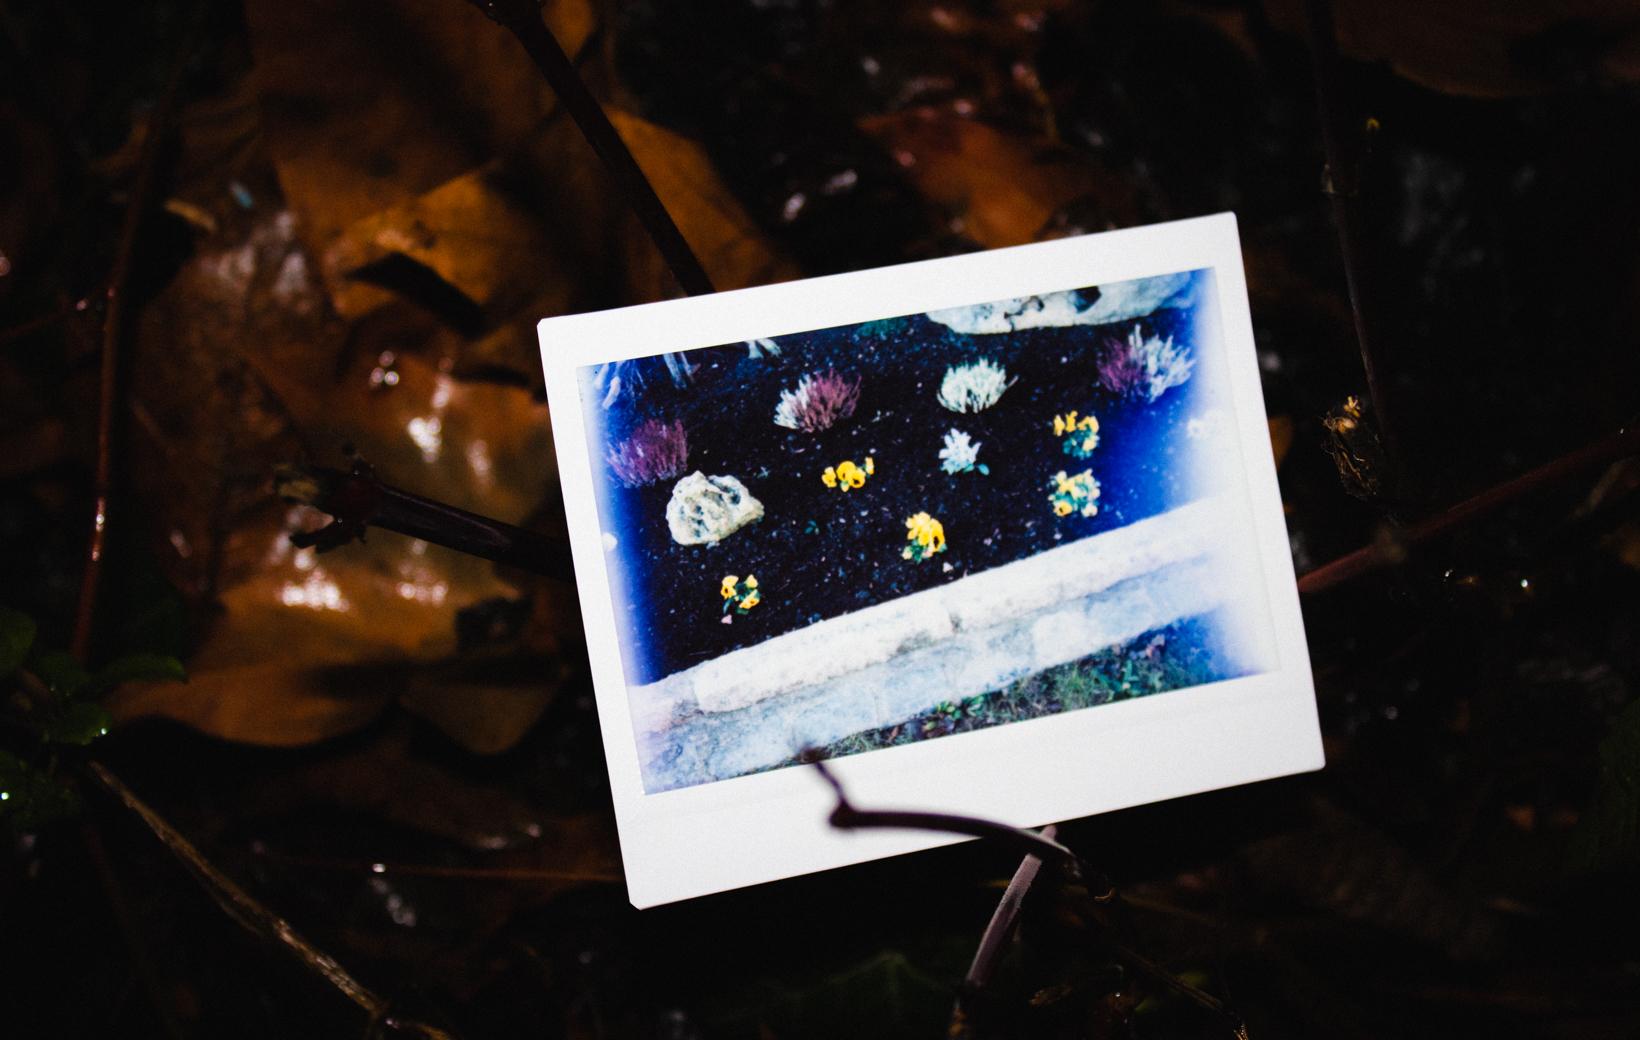 Das Bild zeigt ein Polaroid mit einem Blumenbeet